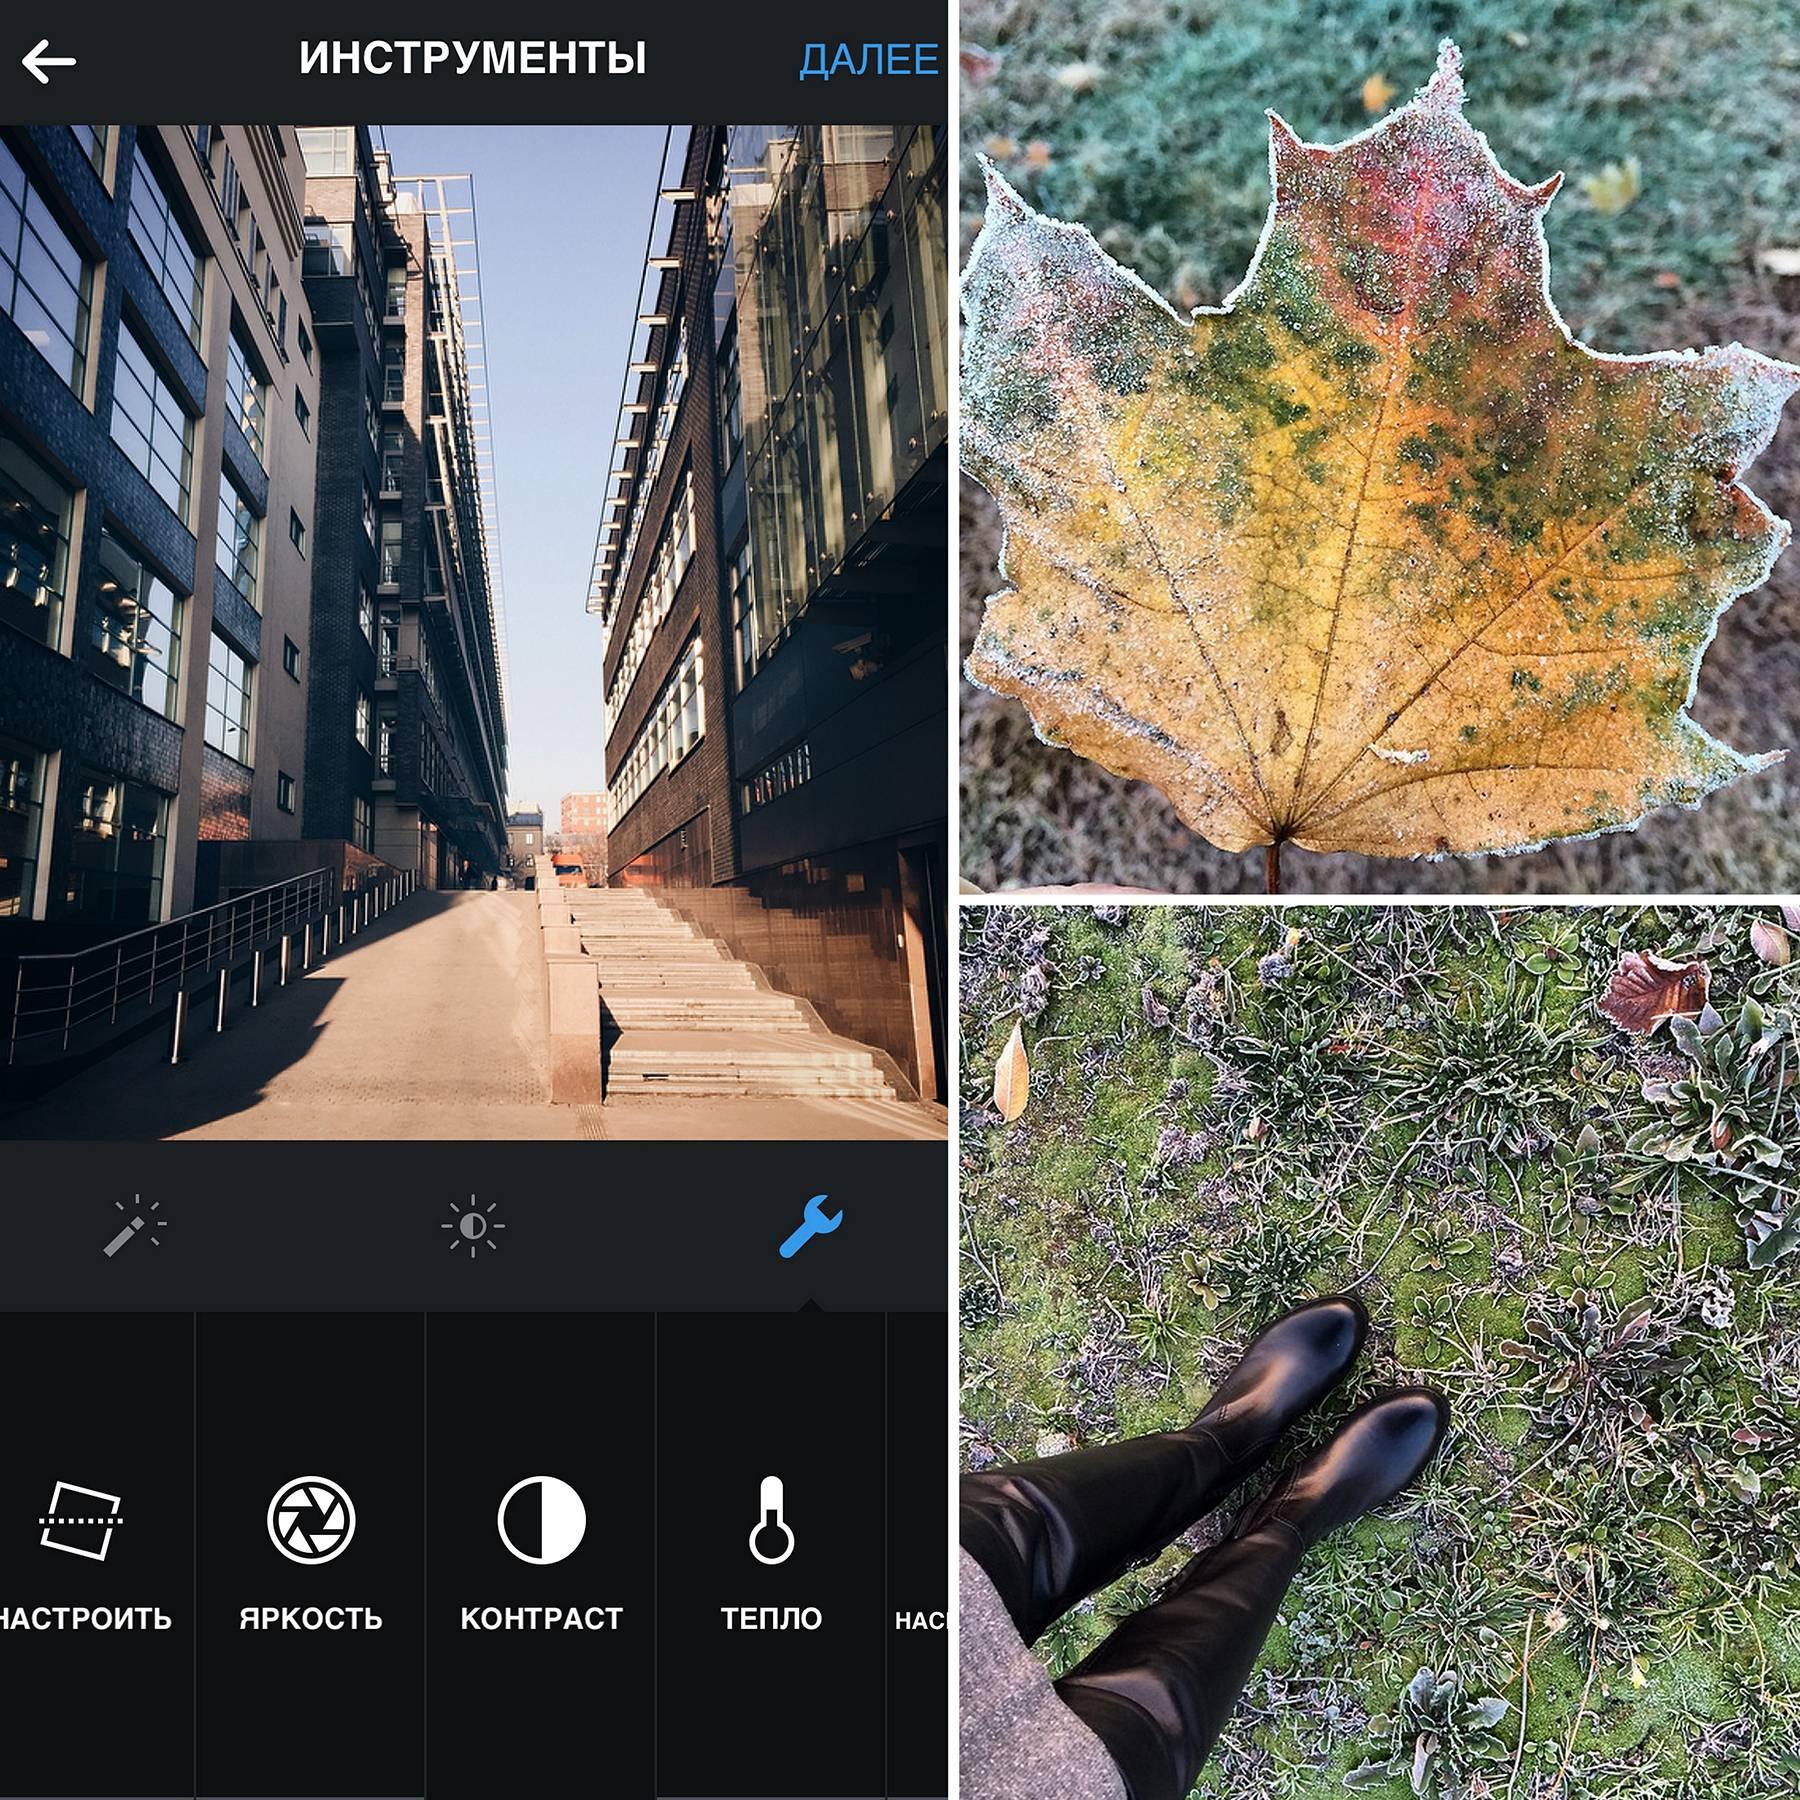 Где обработать фото и видео для инстаграм?